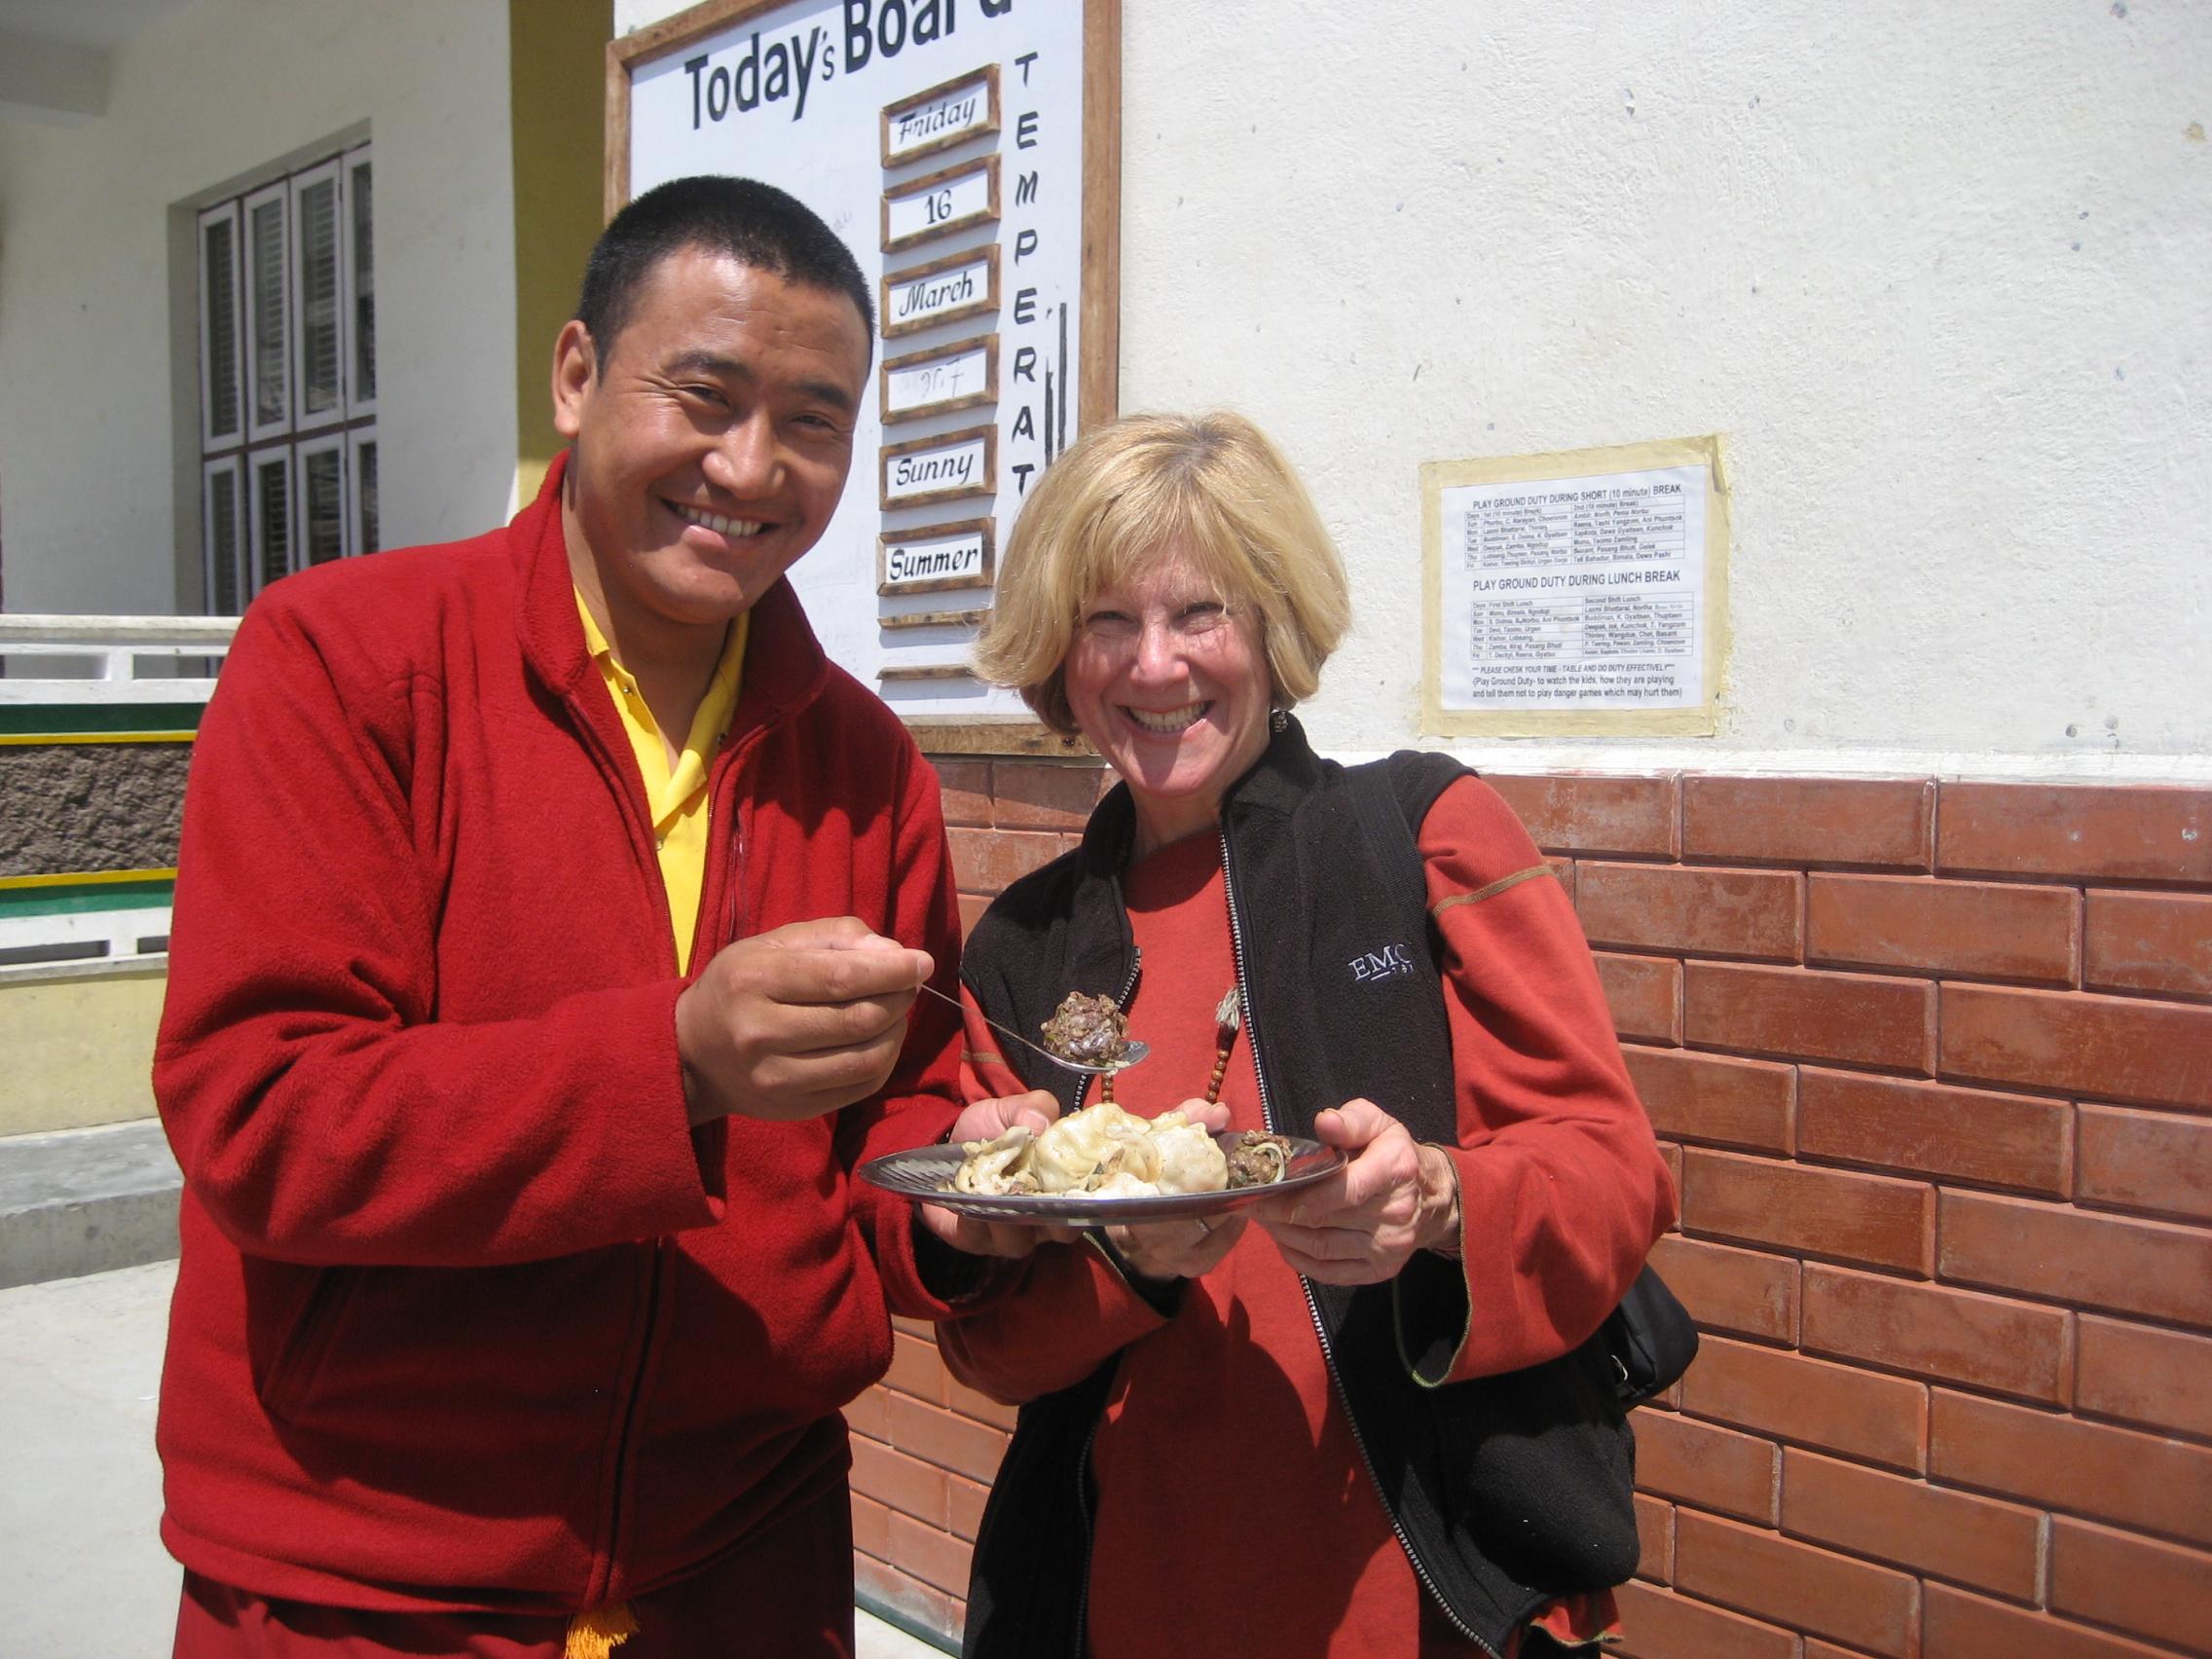 nepal food mar 07 067.jpg